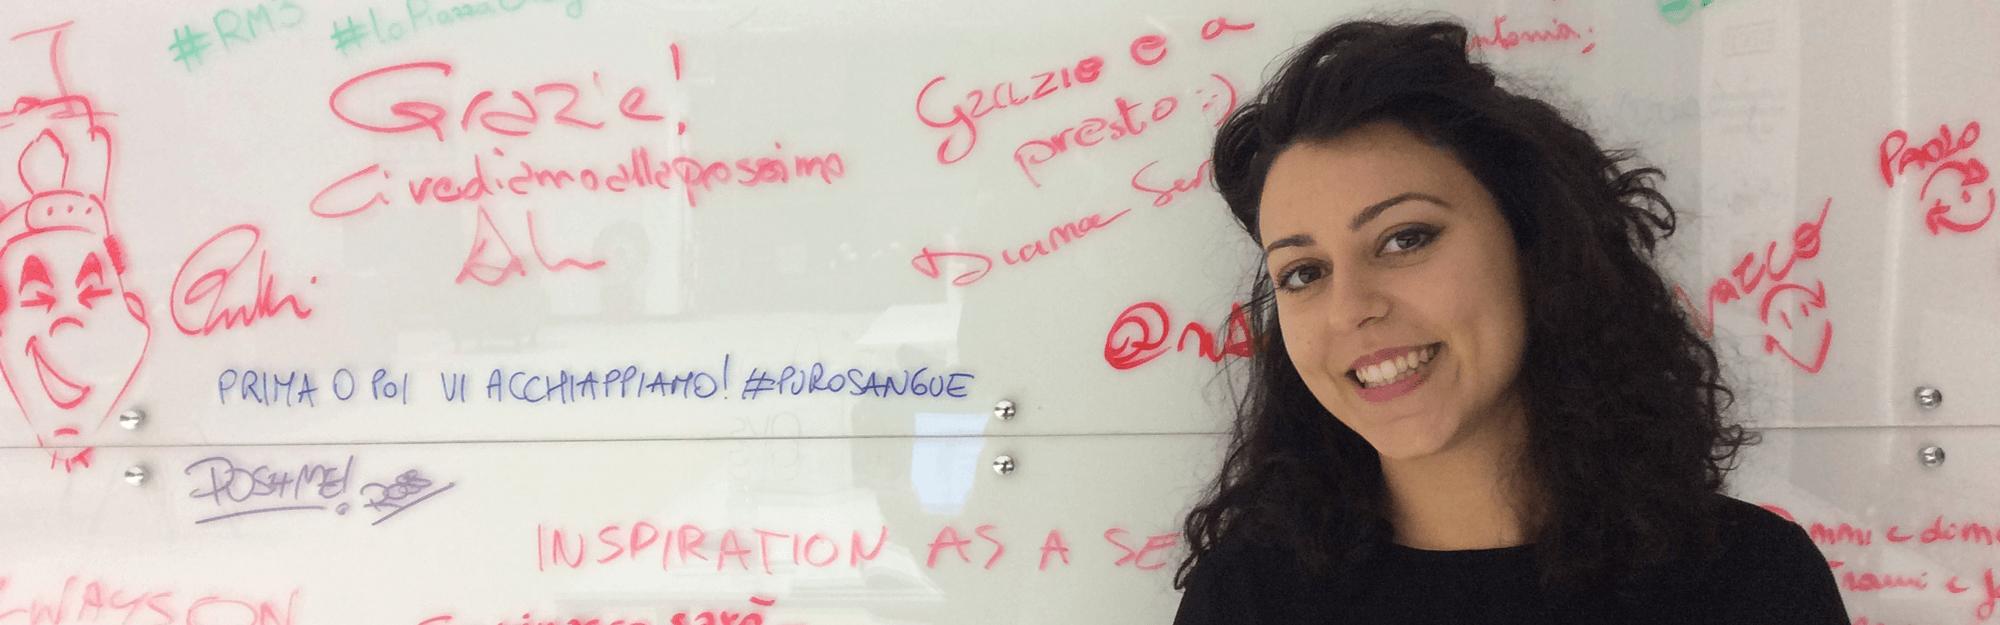 IQUII Careers: Antonella Festa racconta la sua esperienza